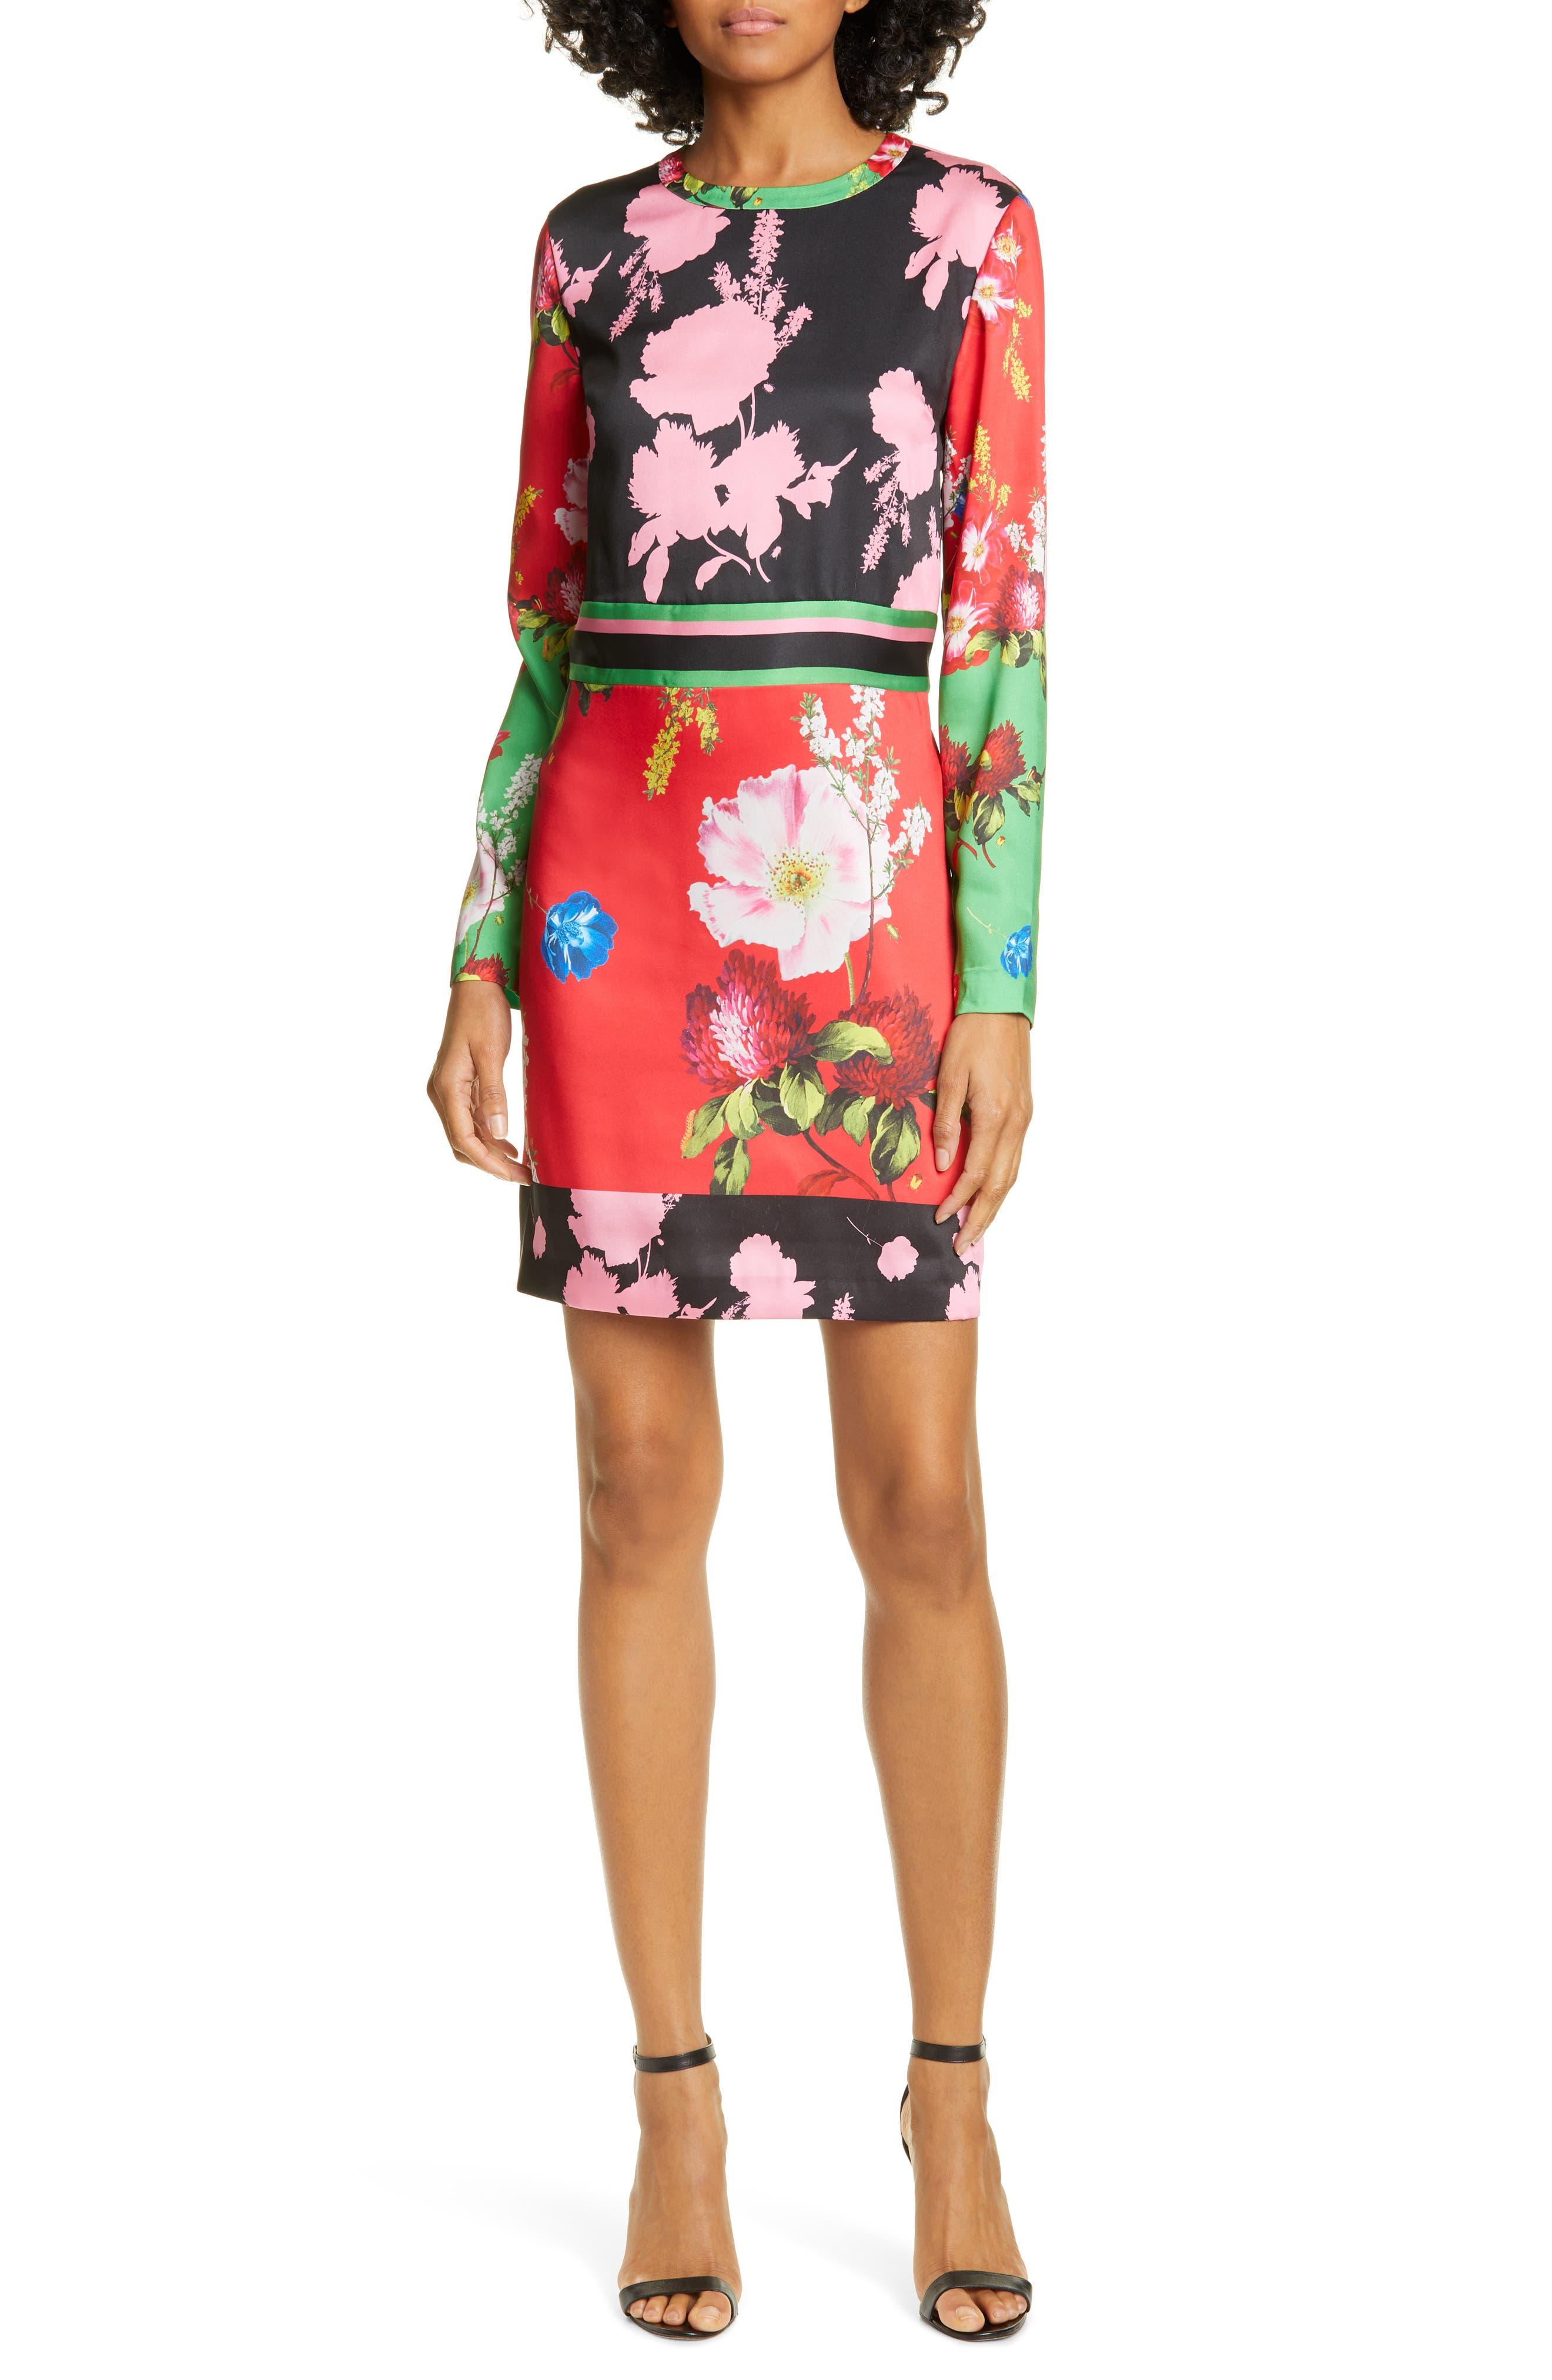 7a7b54485 Ted Baker London Berry Sundae Floral Long Sleeve Dress